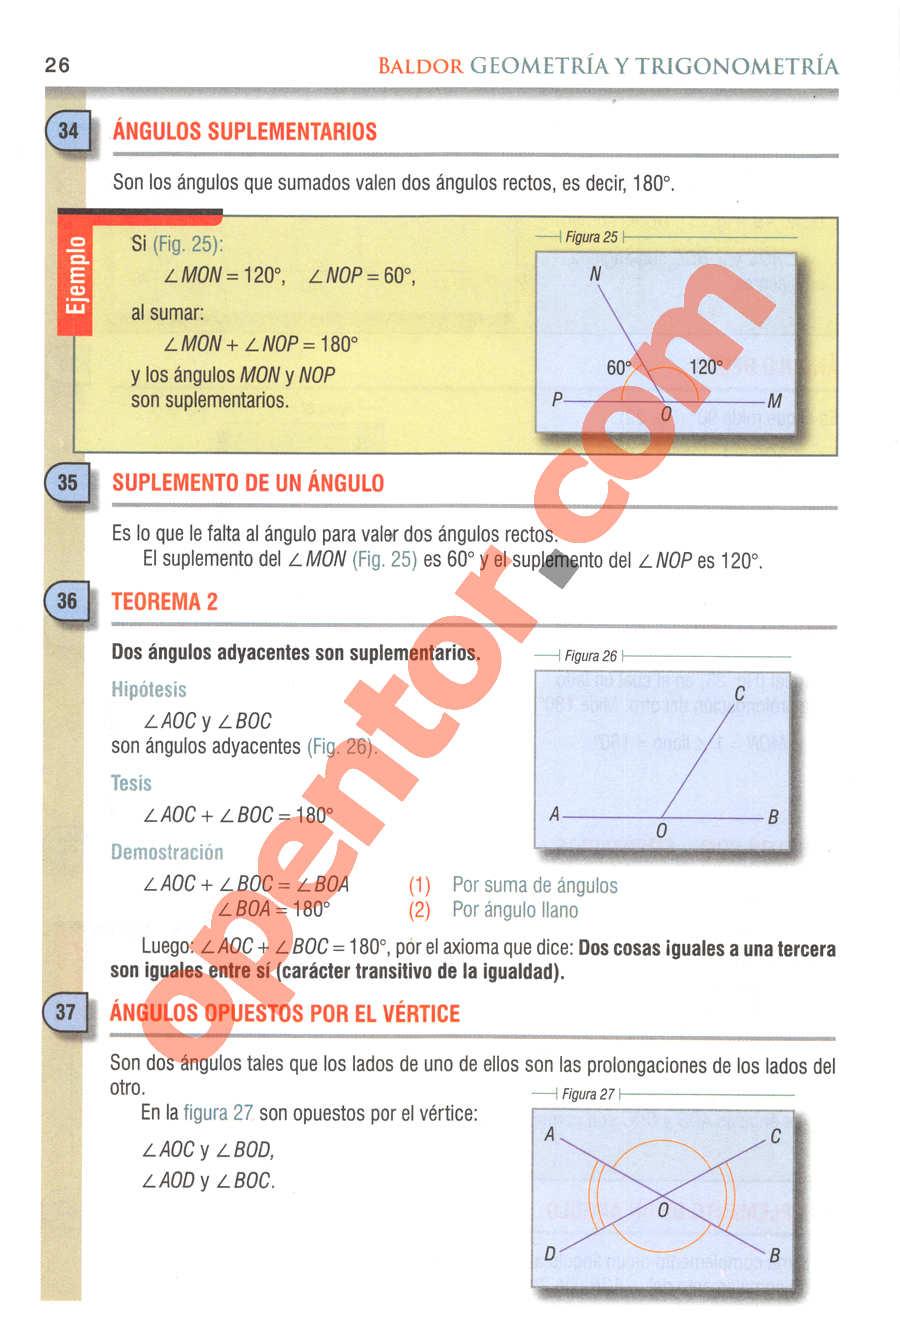 Geometría y Trigonometría de Baldor - Página 26